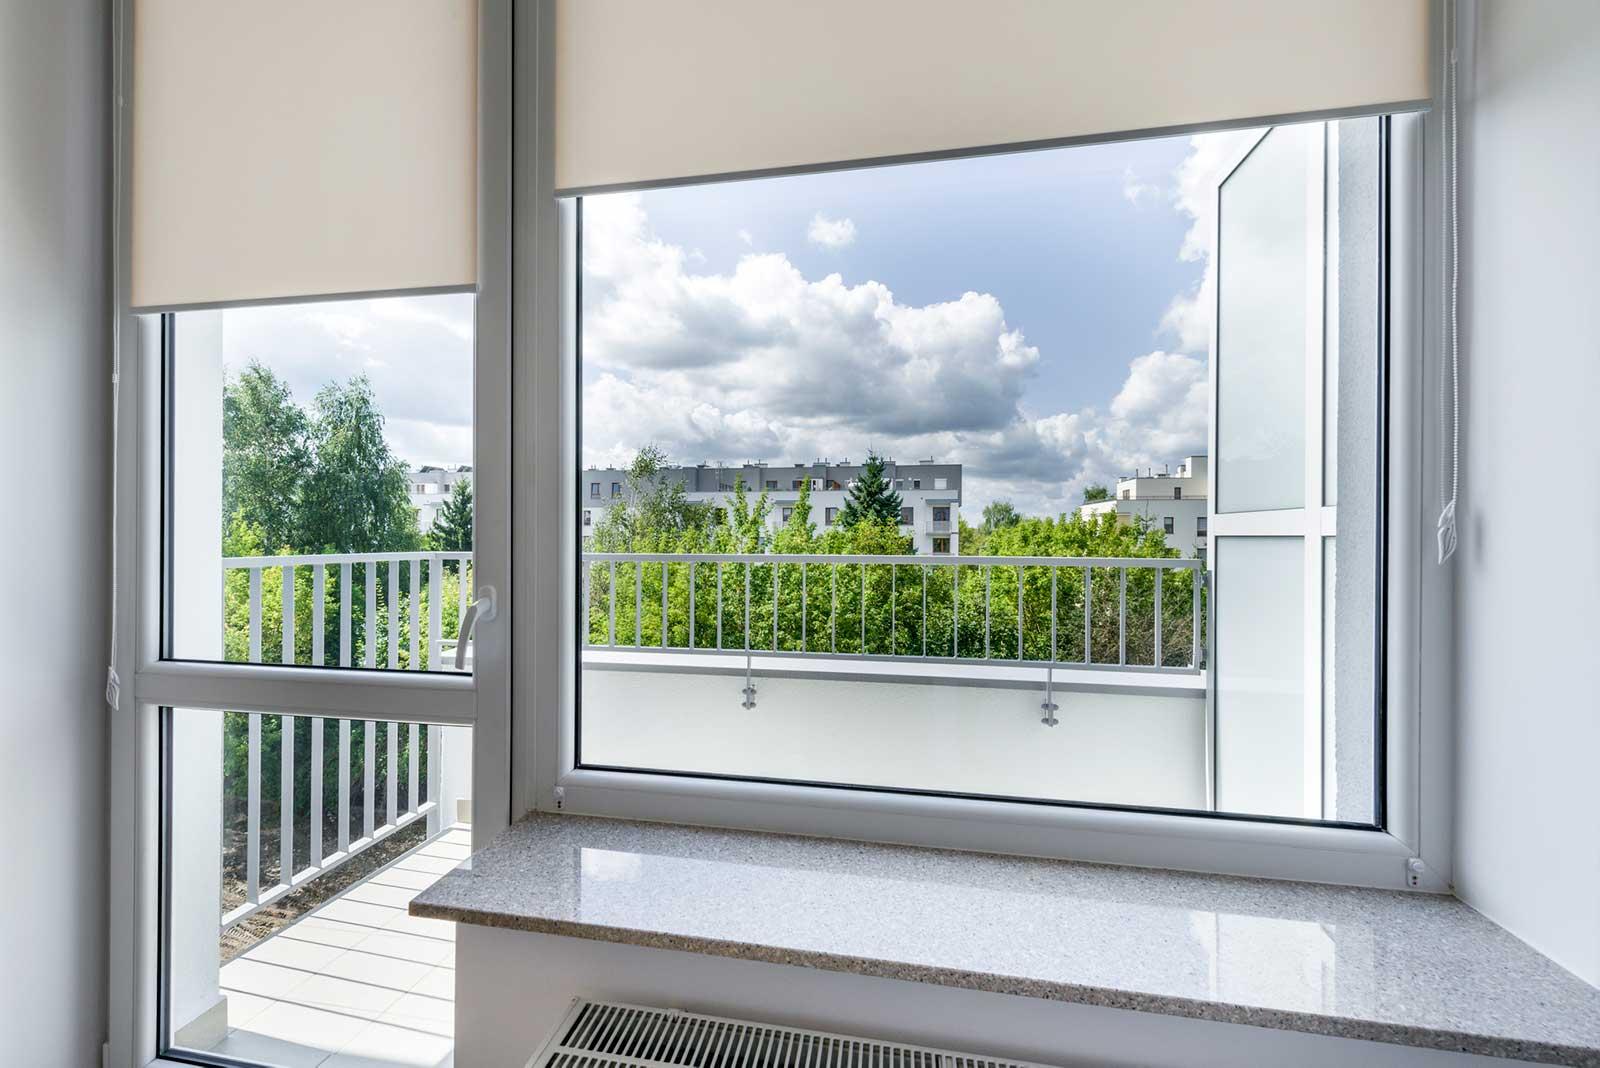 fenêtre-terrasse-opt72